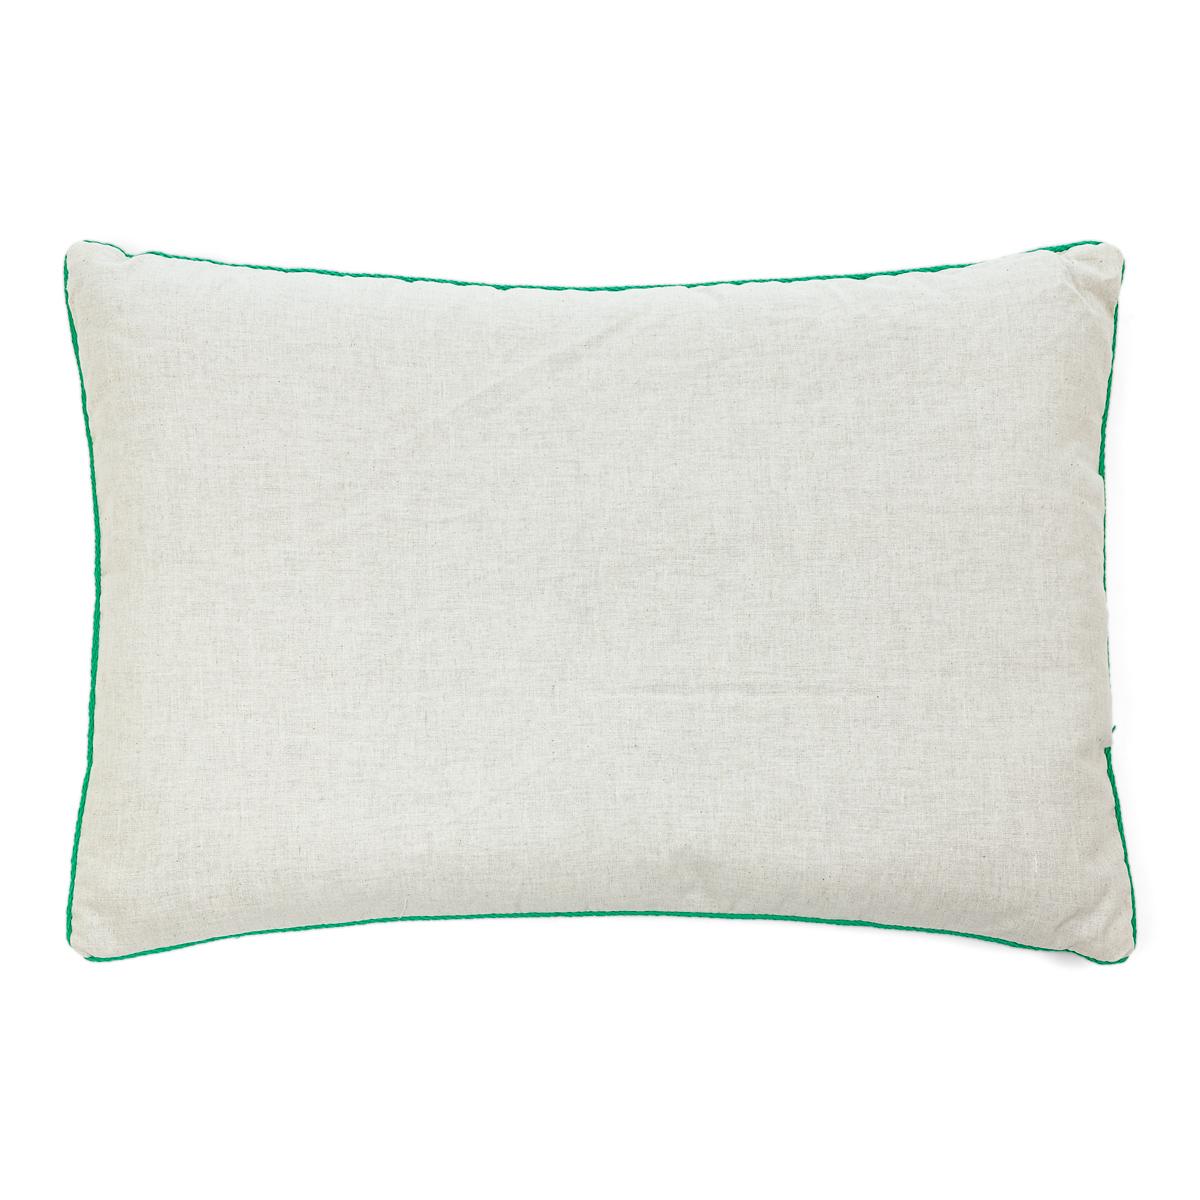 Подушка  Традиции здоровья Мелисса  р. 40х60 - Текстиль для здоровья артикул: 21176